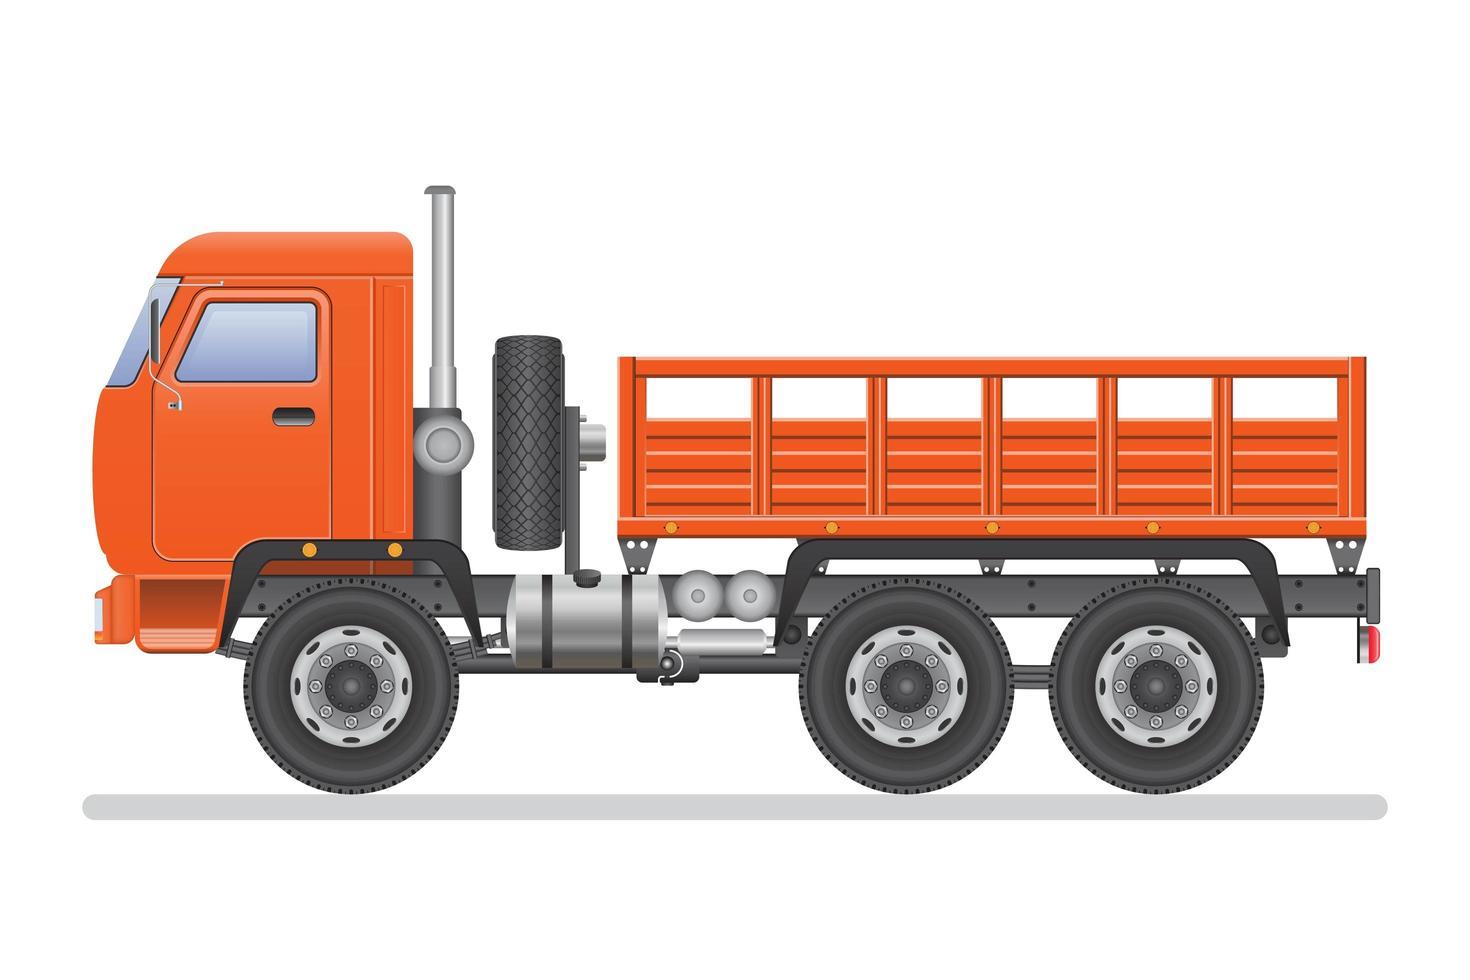 camion vuoto isolato vettore